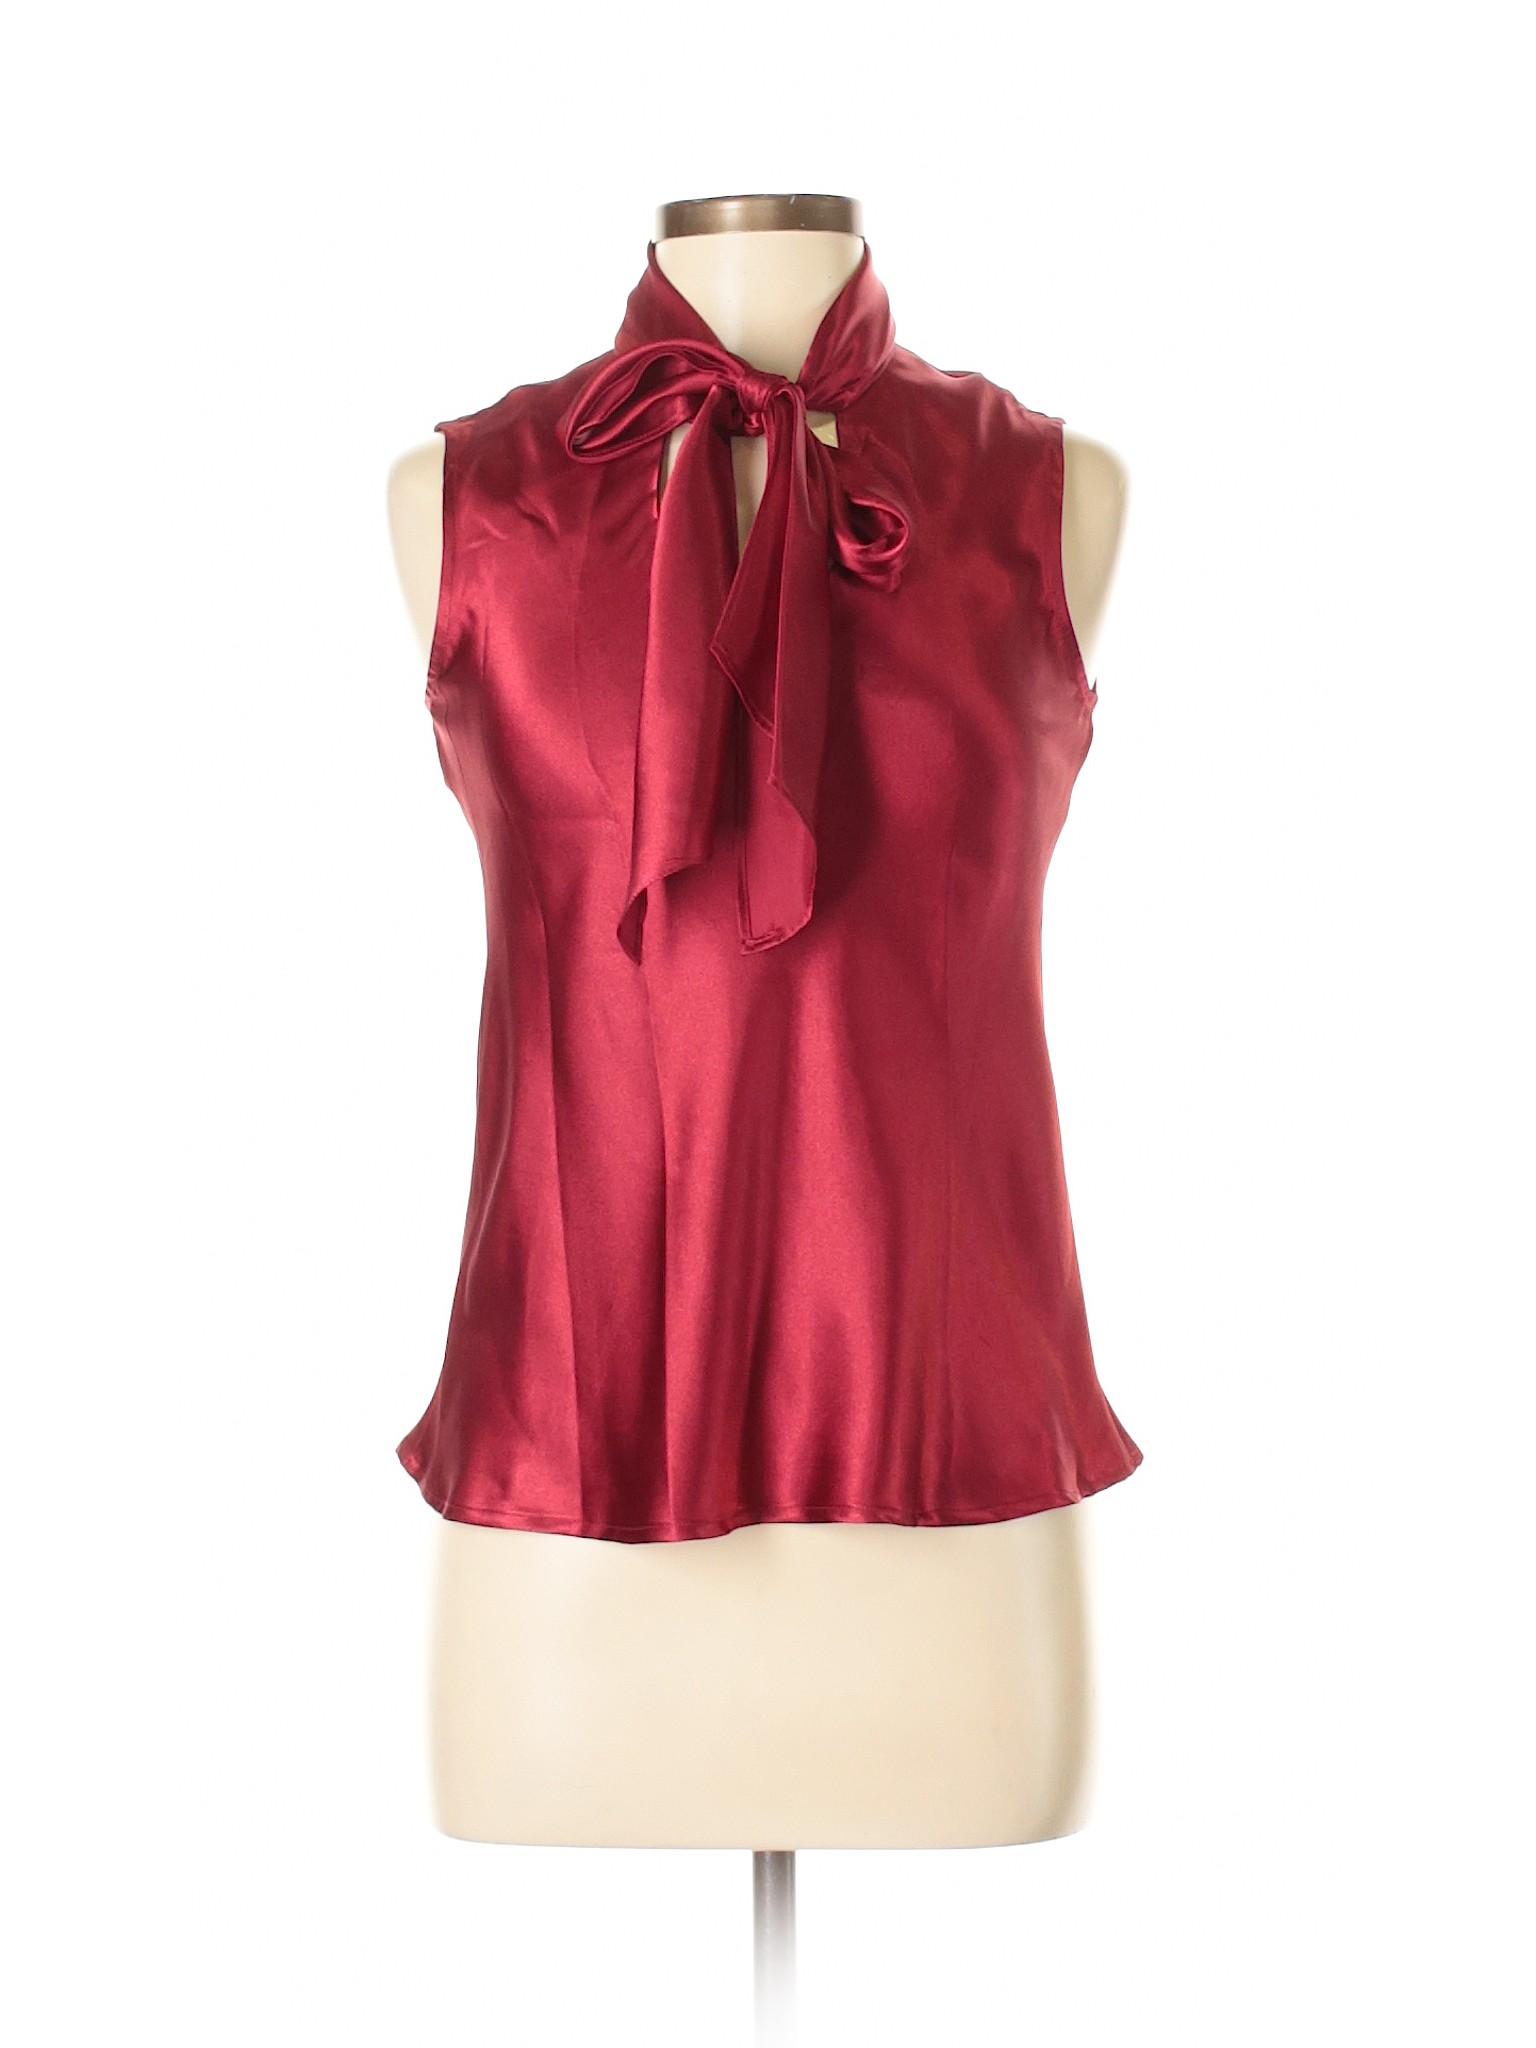 ebefcec958f2f Kasper Sleeveless Blouse  Size 4.00 Red Women s Tops -  14.99 ...